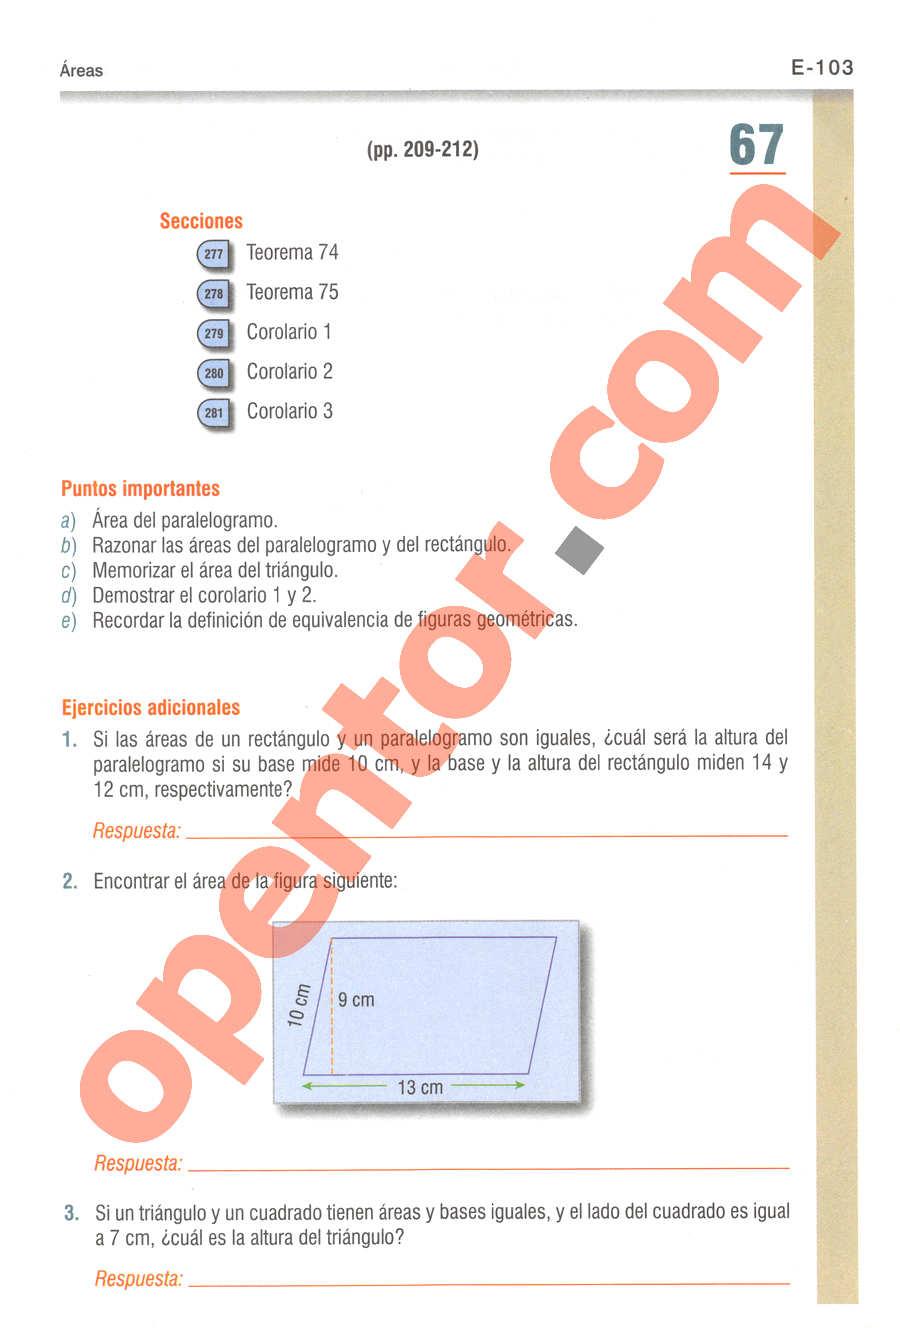 Geometría y Trigonometría de Baldor - Página E103